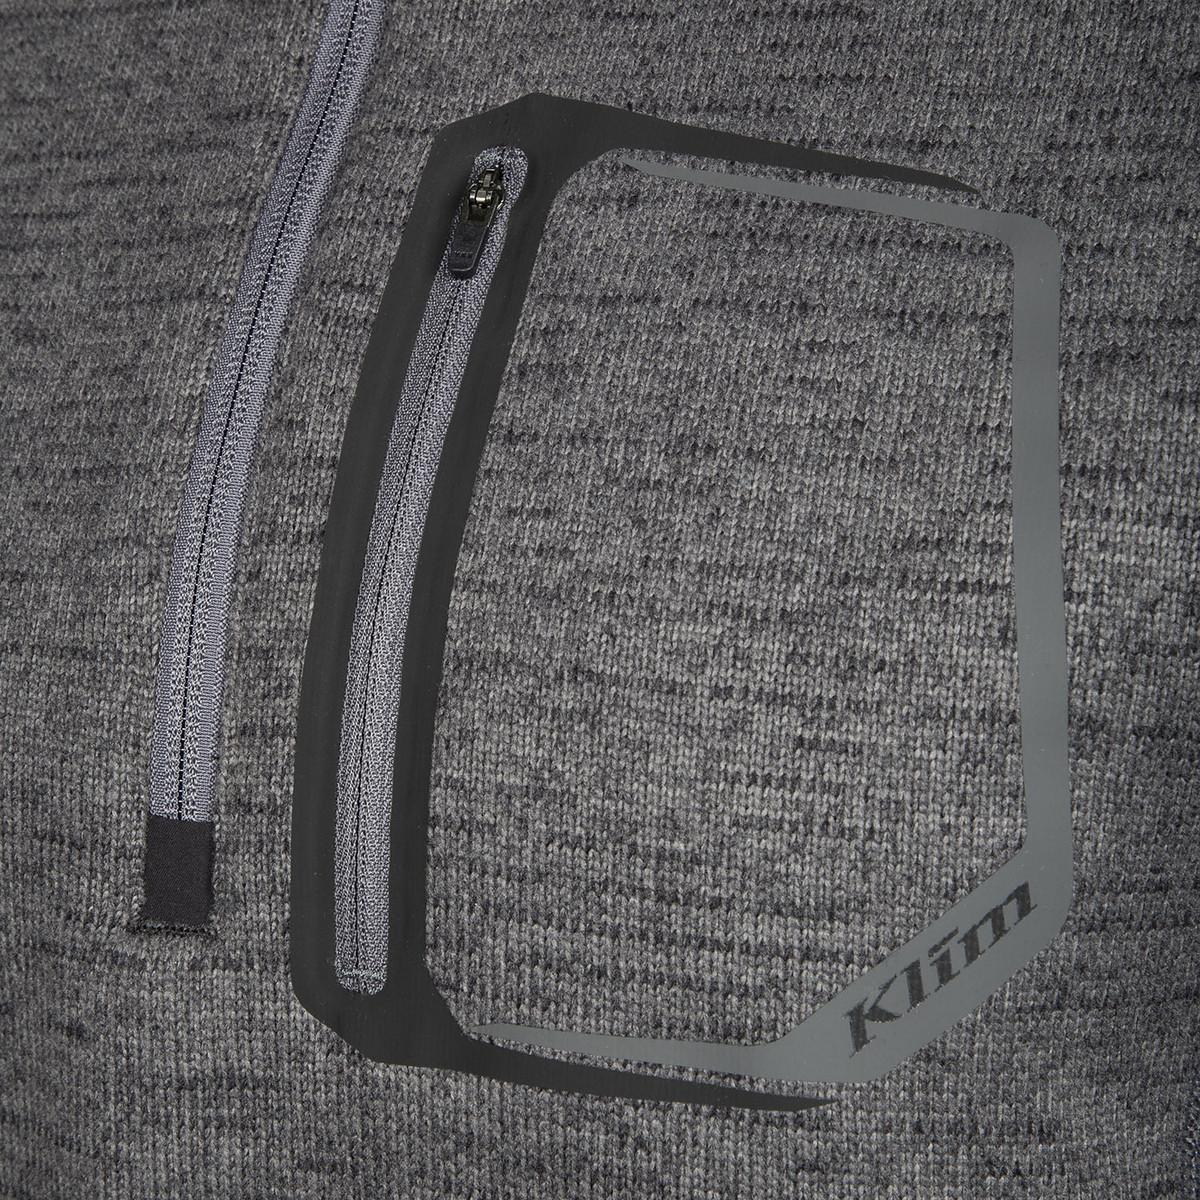 Yukon Front Pocket Detail